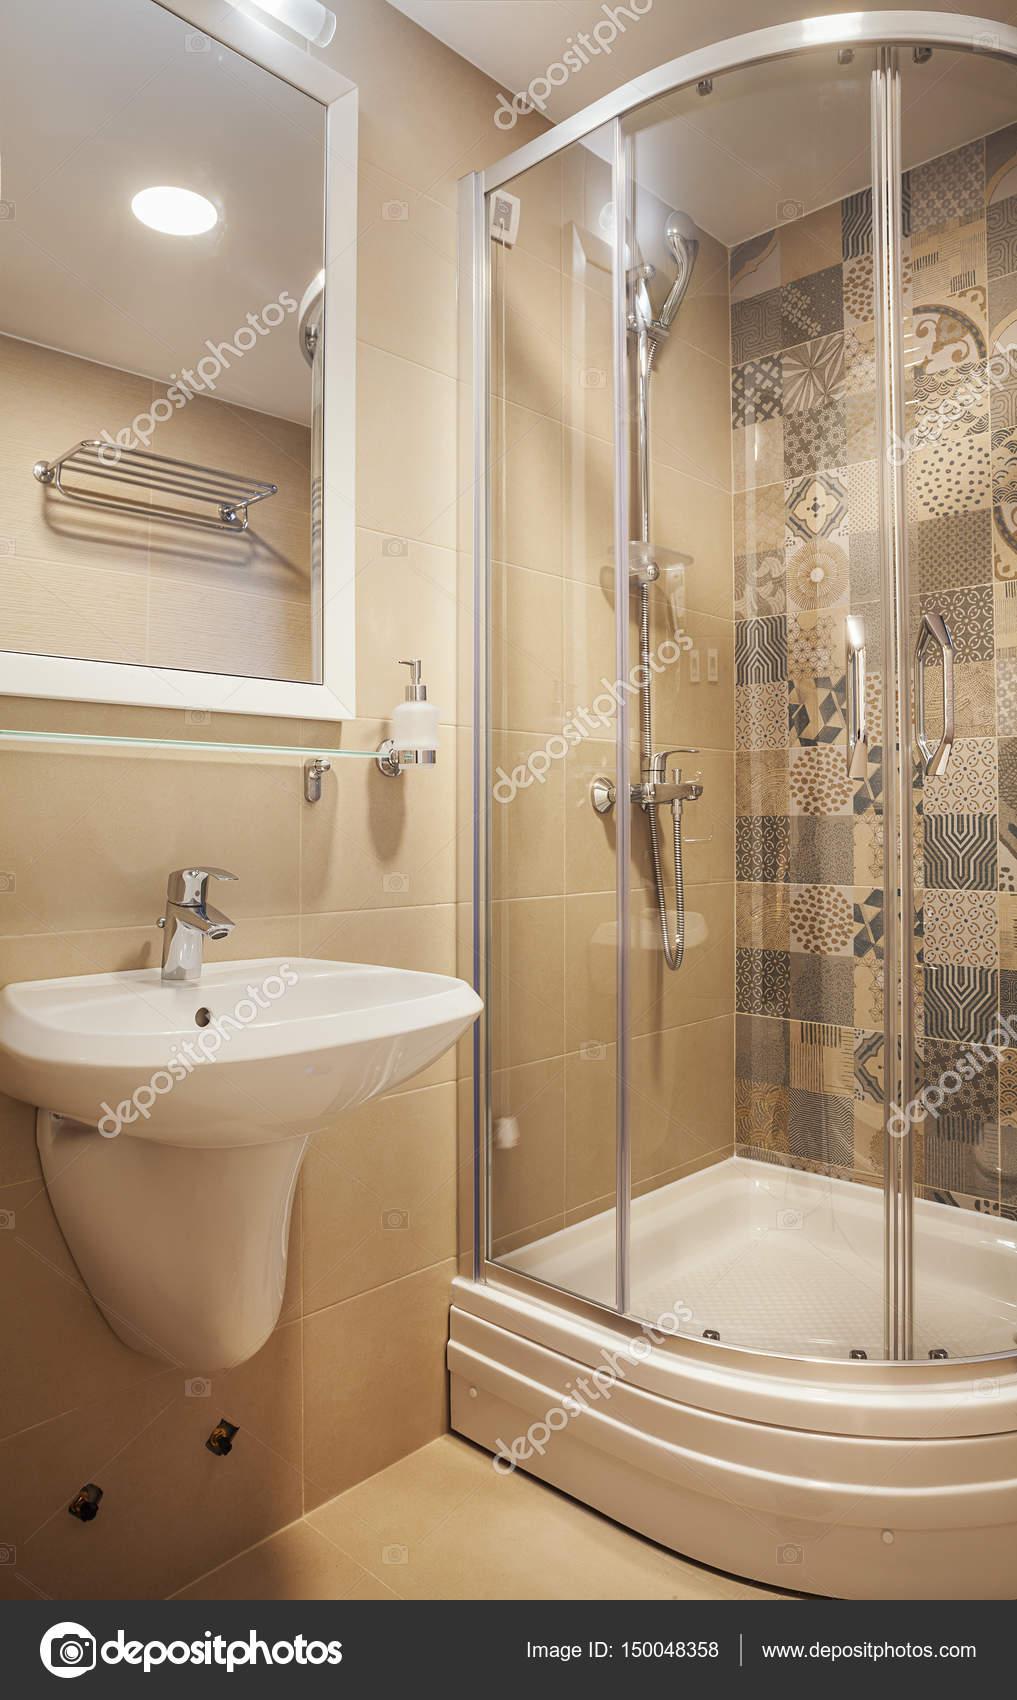 Małe łazienki Nowoczesne Zdjęcie Stockowe Krsmanovic